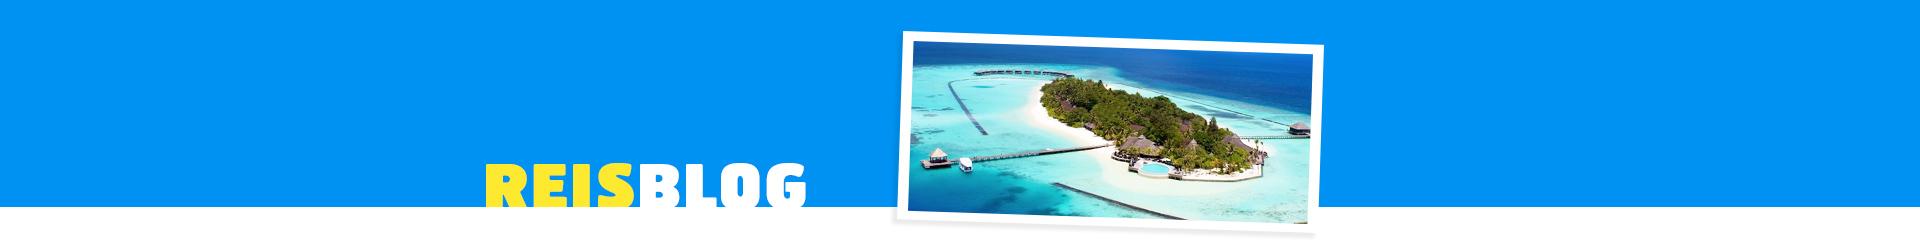 Eiland op de Malidiven met prachtig blauwe zee en groen eiland.